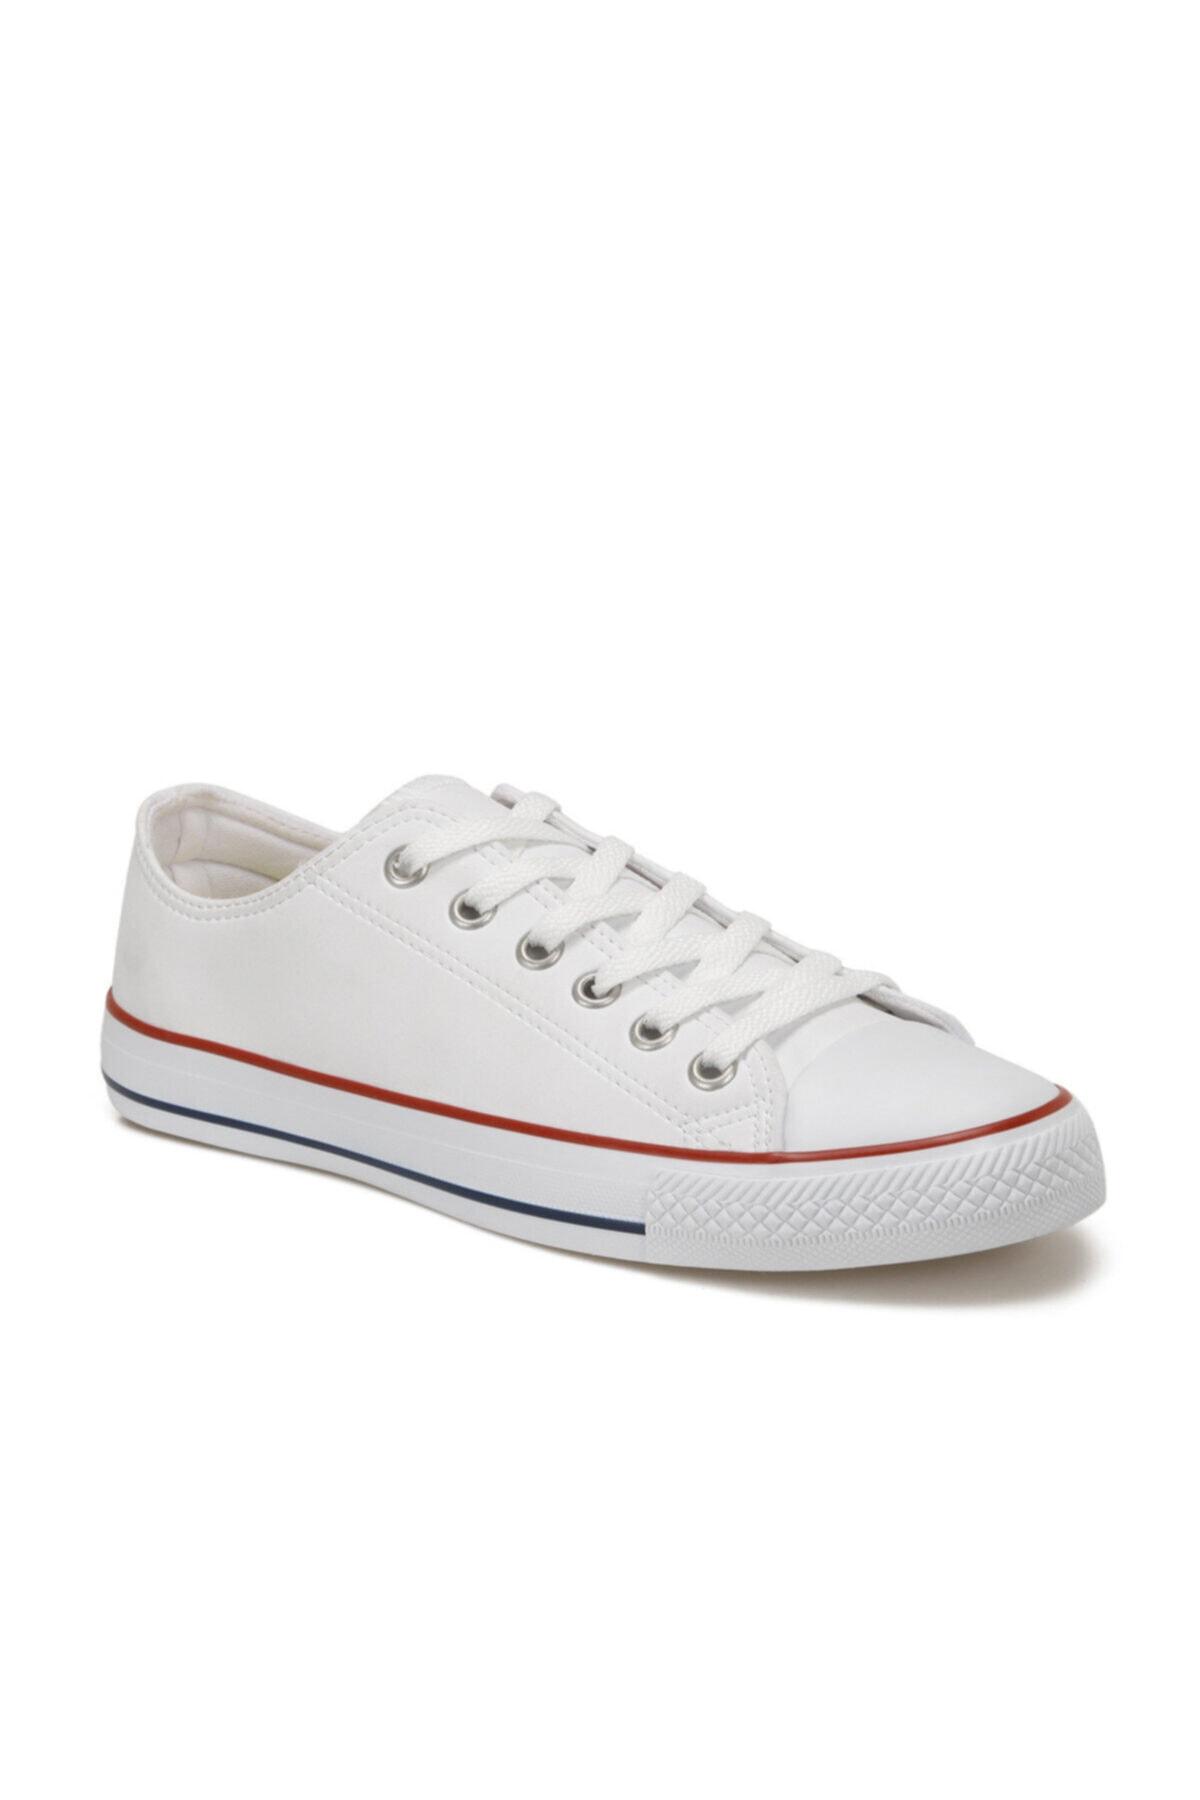 FORESTER EC-2001 Siyah Erkek Kalın Tabanlı Sneaker 100668678 1